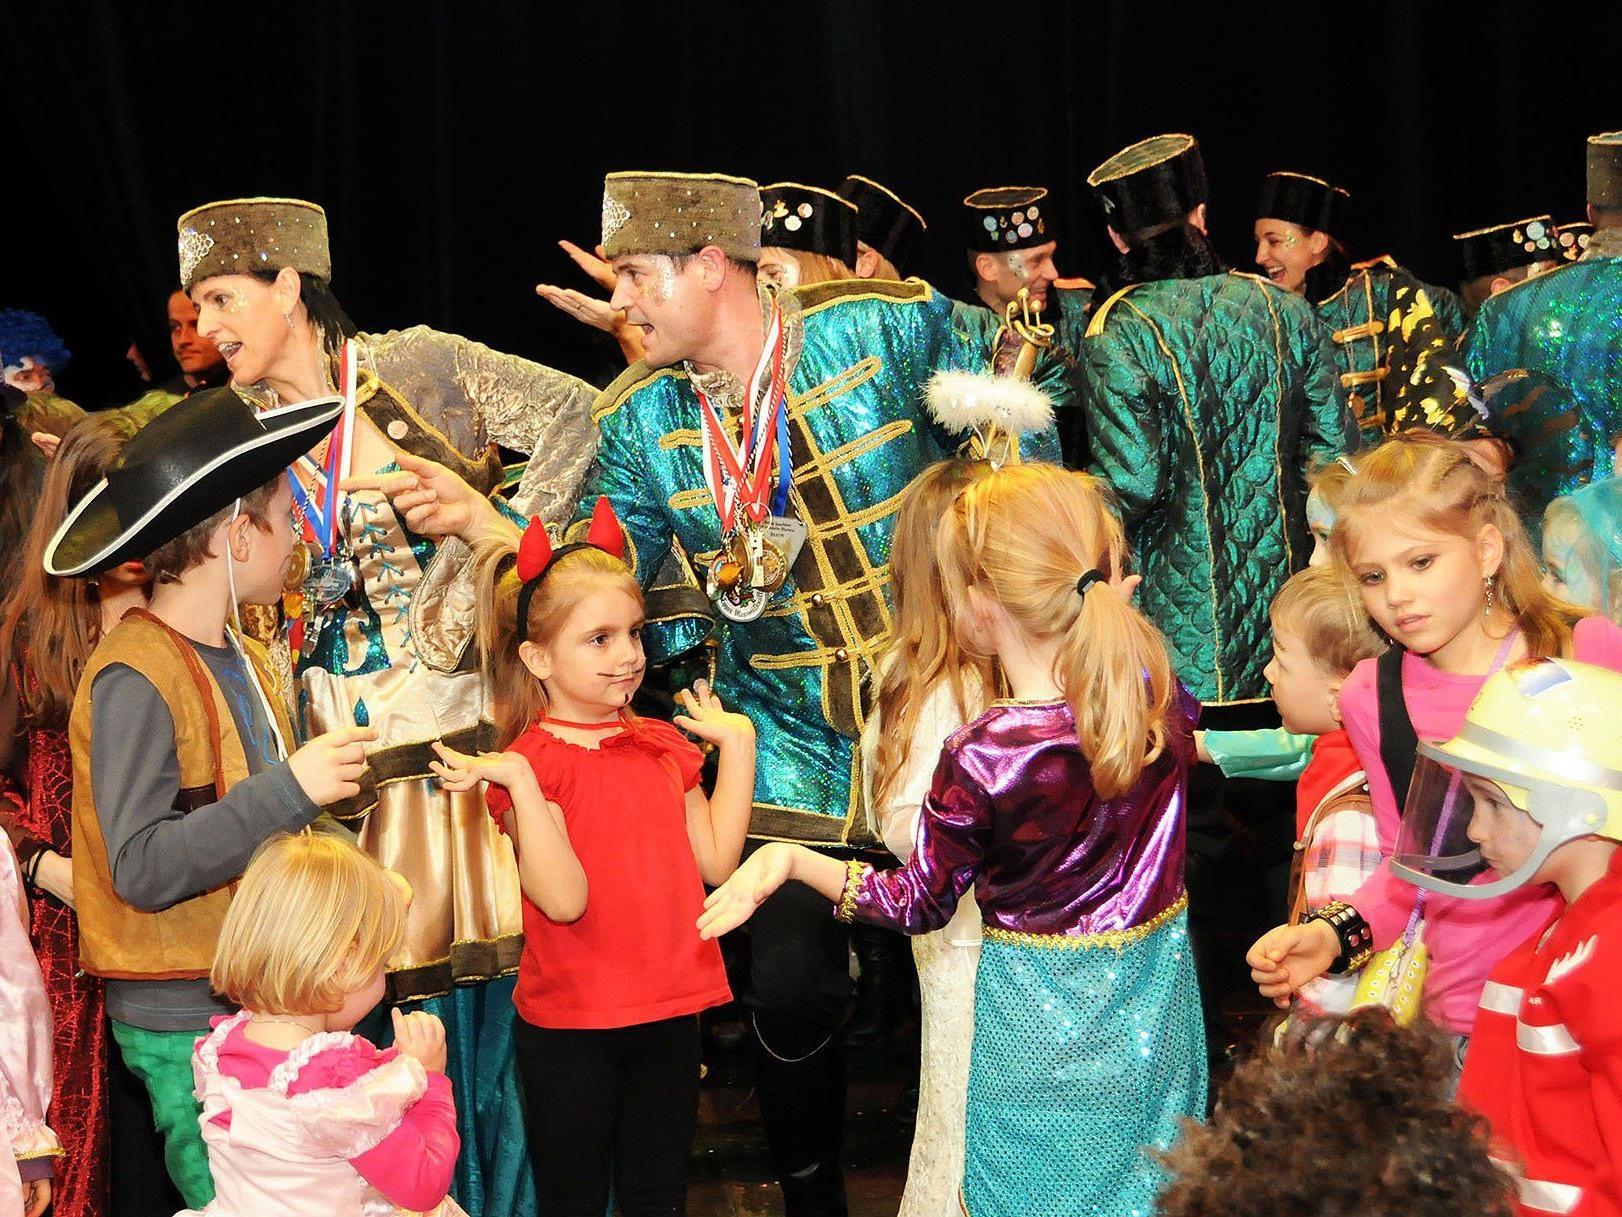 Prinz Ore LVII., Martin II., und Prinzessin Christine inmitten der Kinderschar beim Ore Ore Kinderball